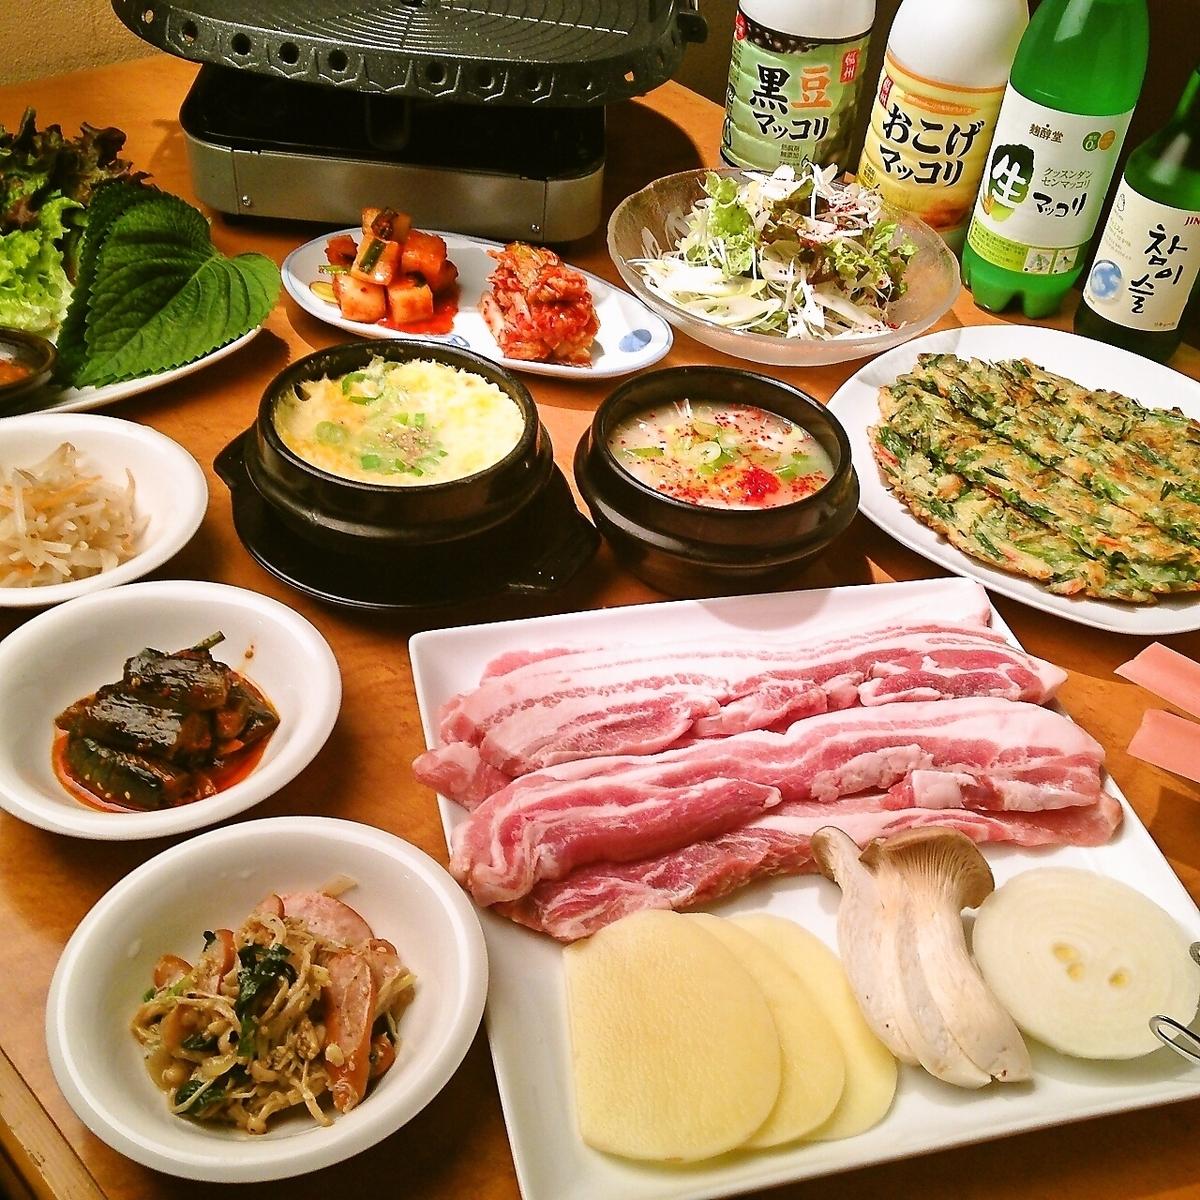 Samgyeopsal等韩国料理可以轻松享用